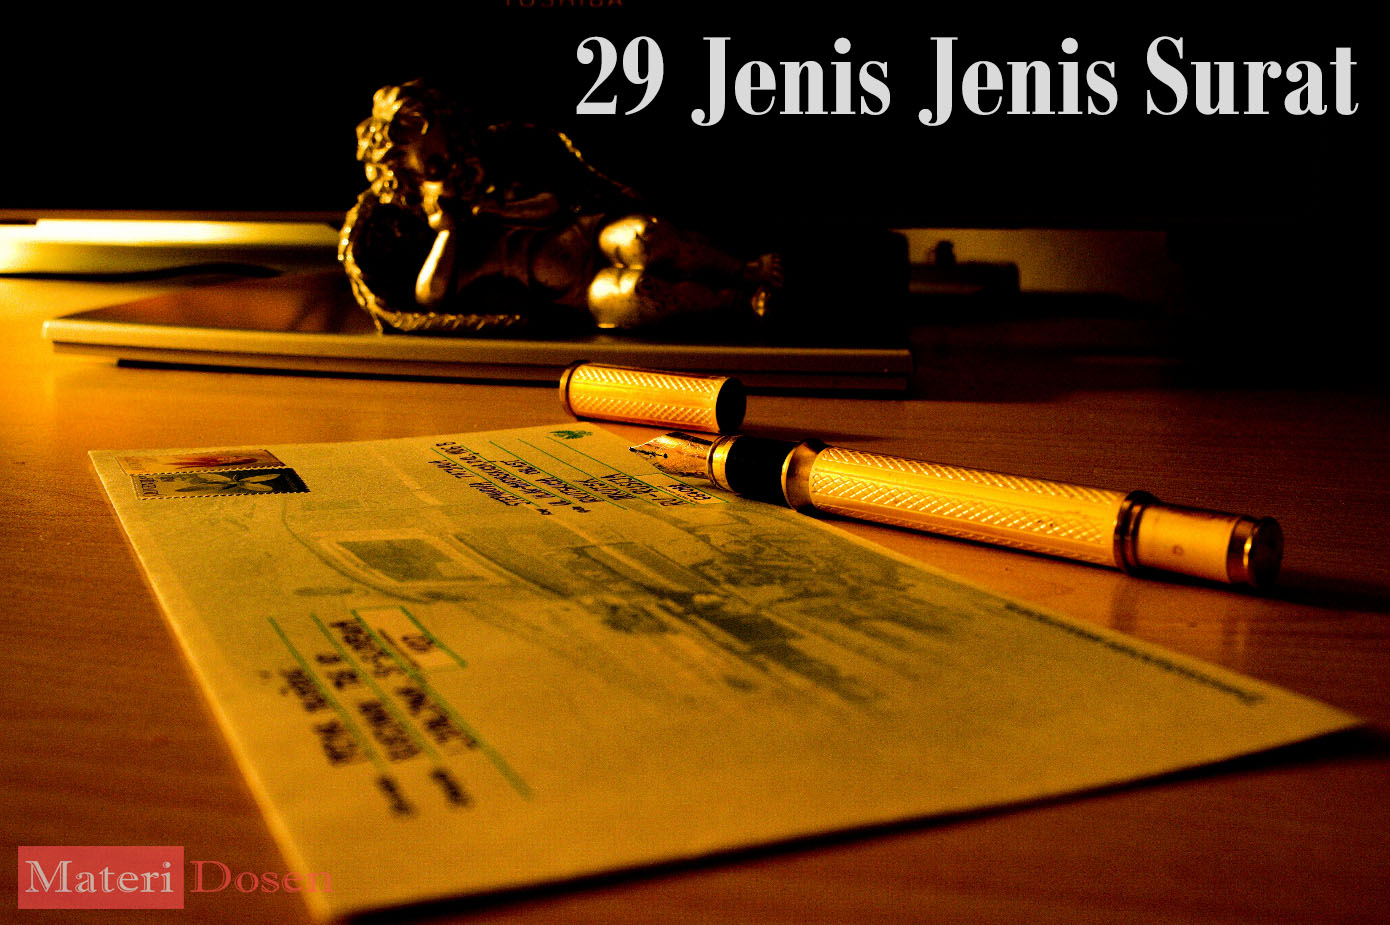 29 Jenis Jenis Surat Lengkap Pengelompokan Nya Materi Dosen